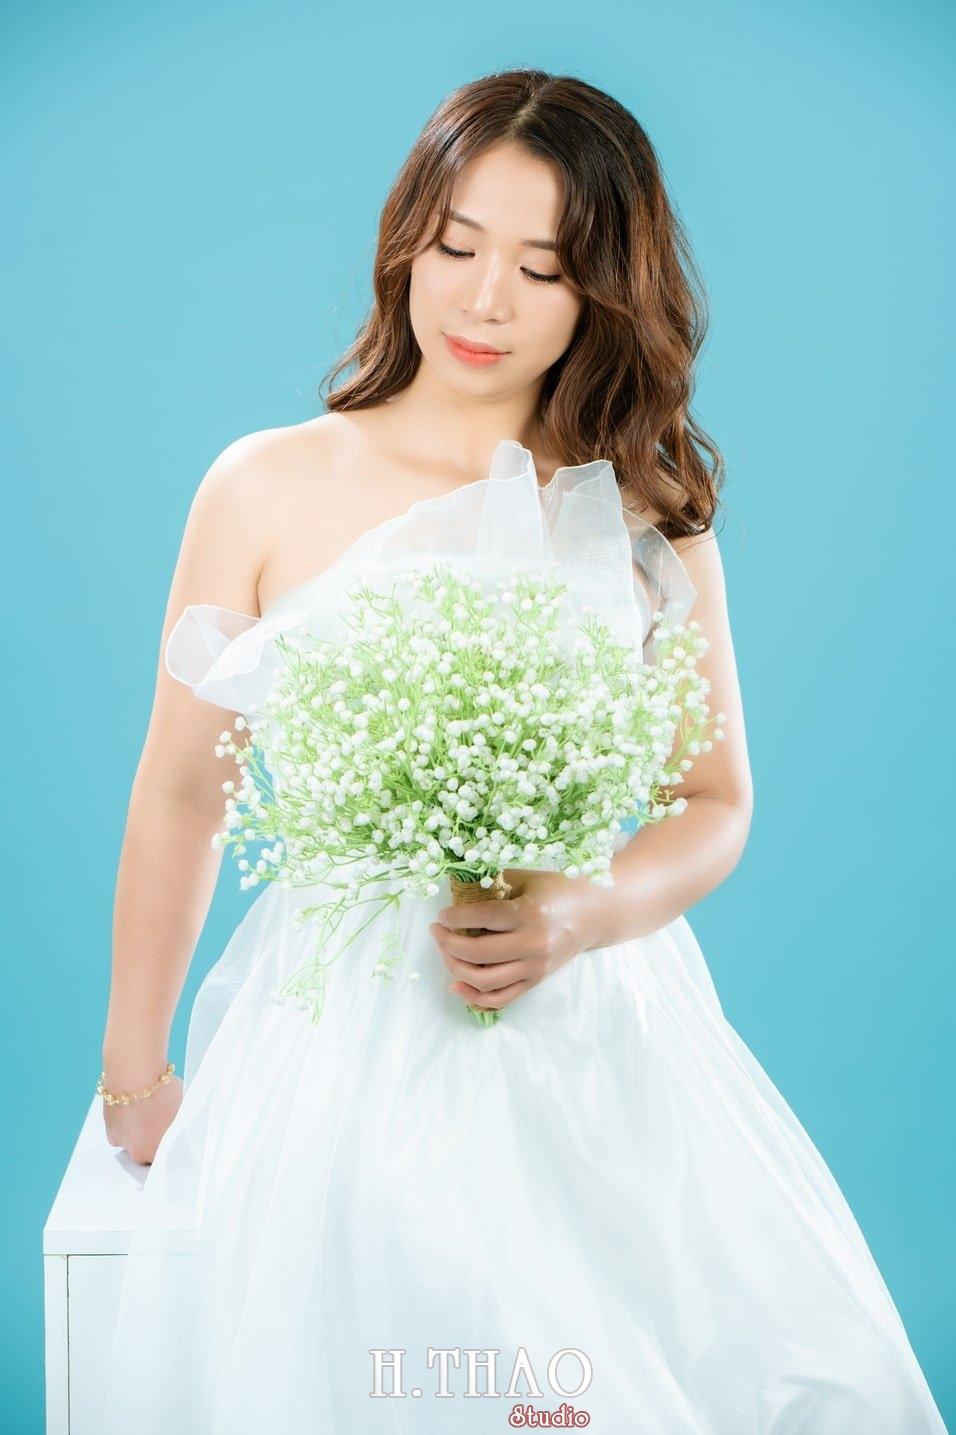 Anh Beauty 11 - Album ảnh beauty bé Sang đẹp nhẹ nhàng - HThao Studio